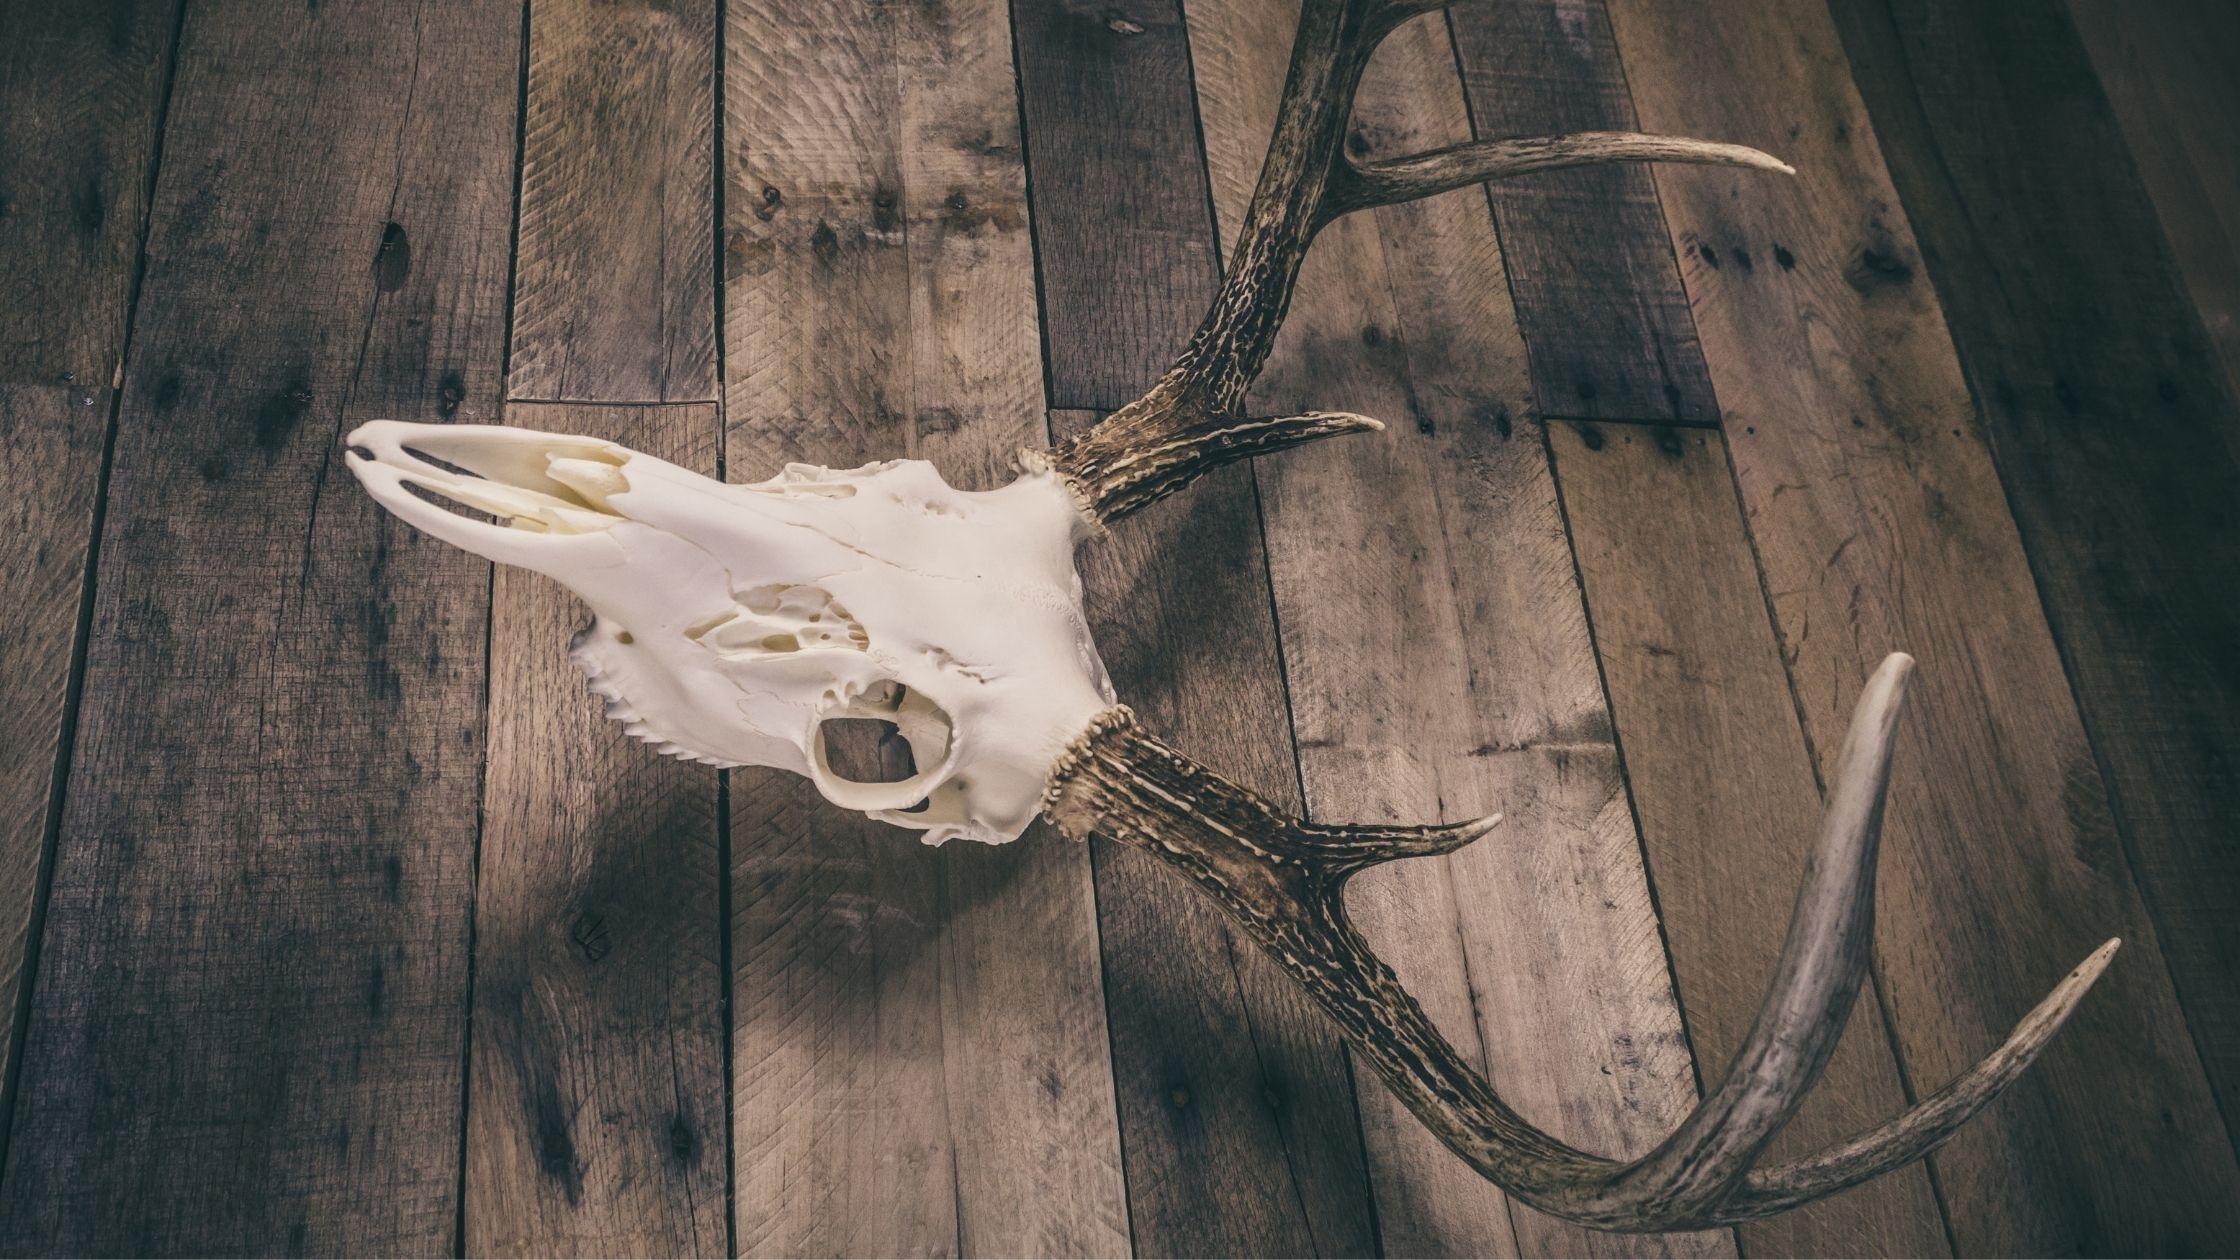 How to Seal Deer Antlers